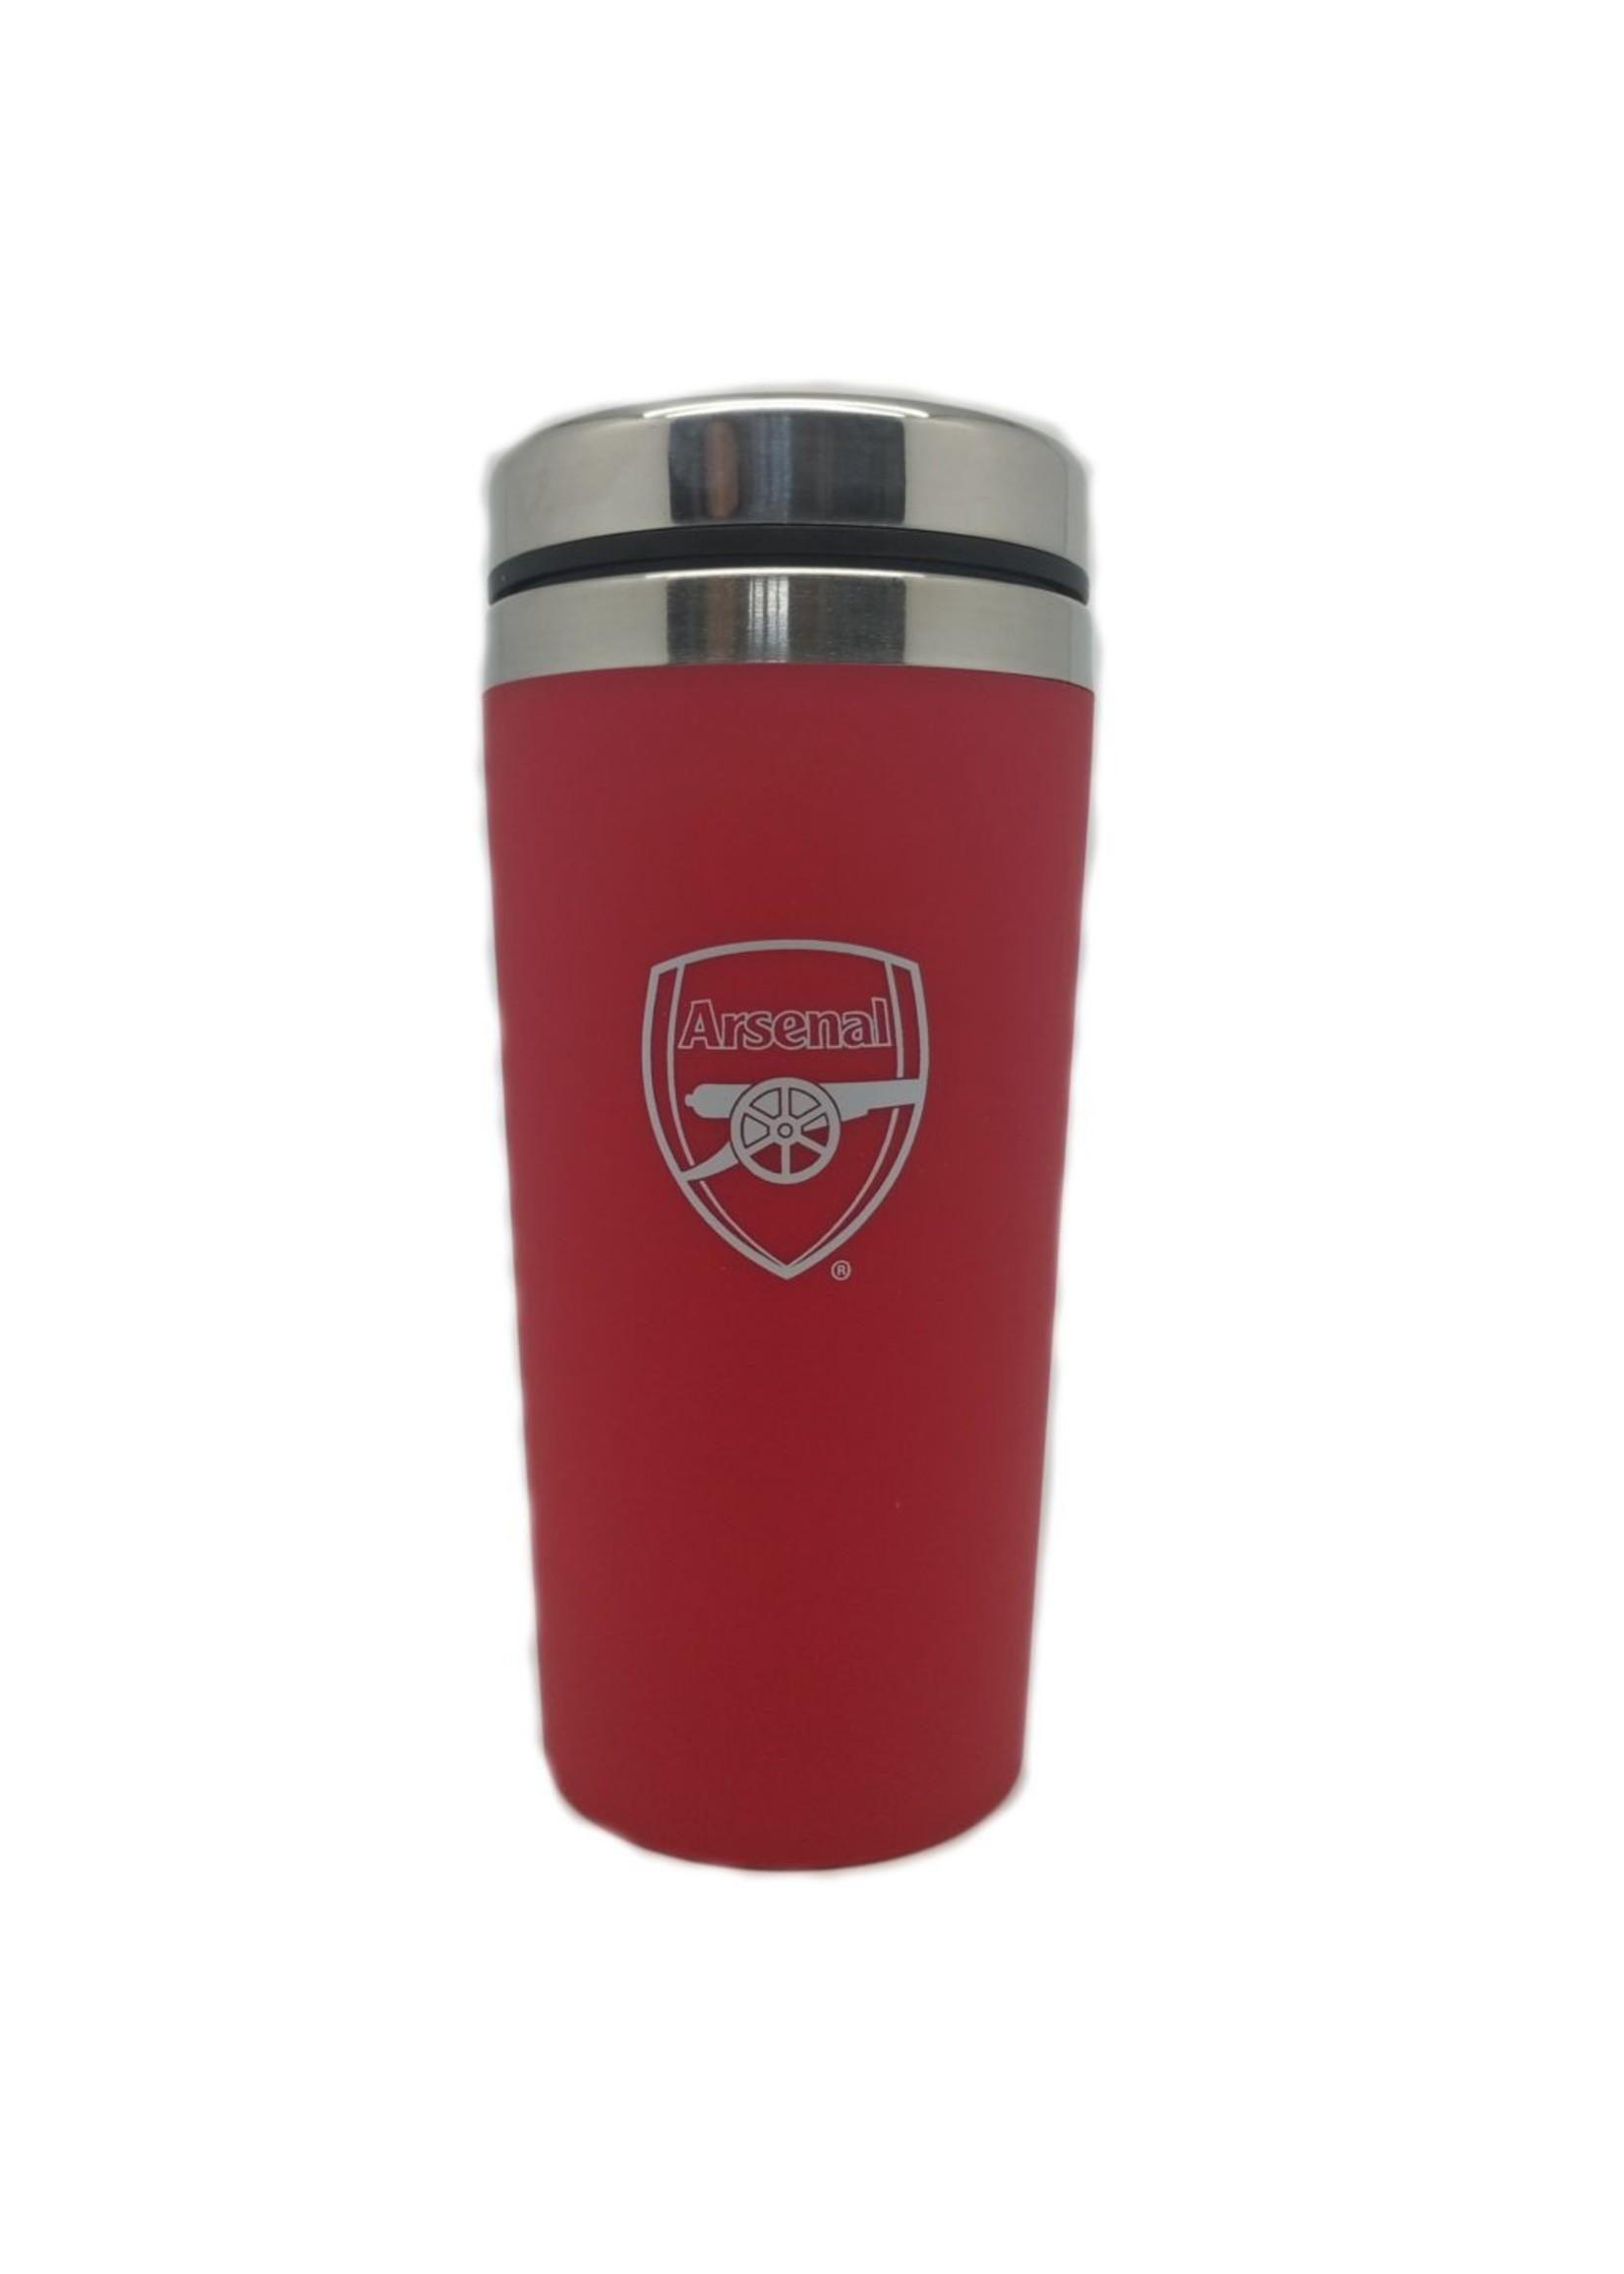 Arsenal Red Travel Mug